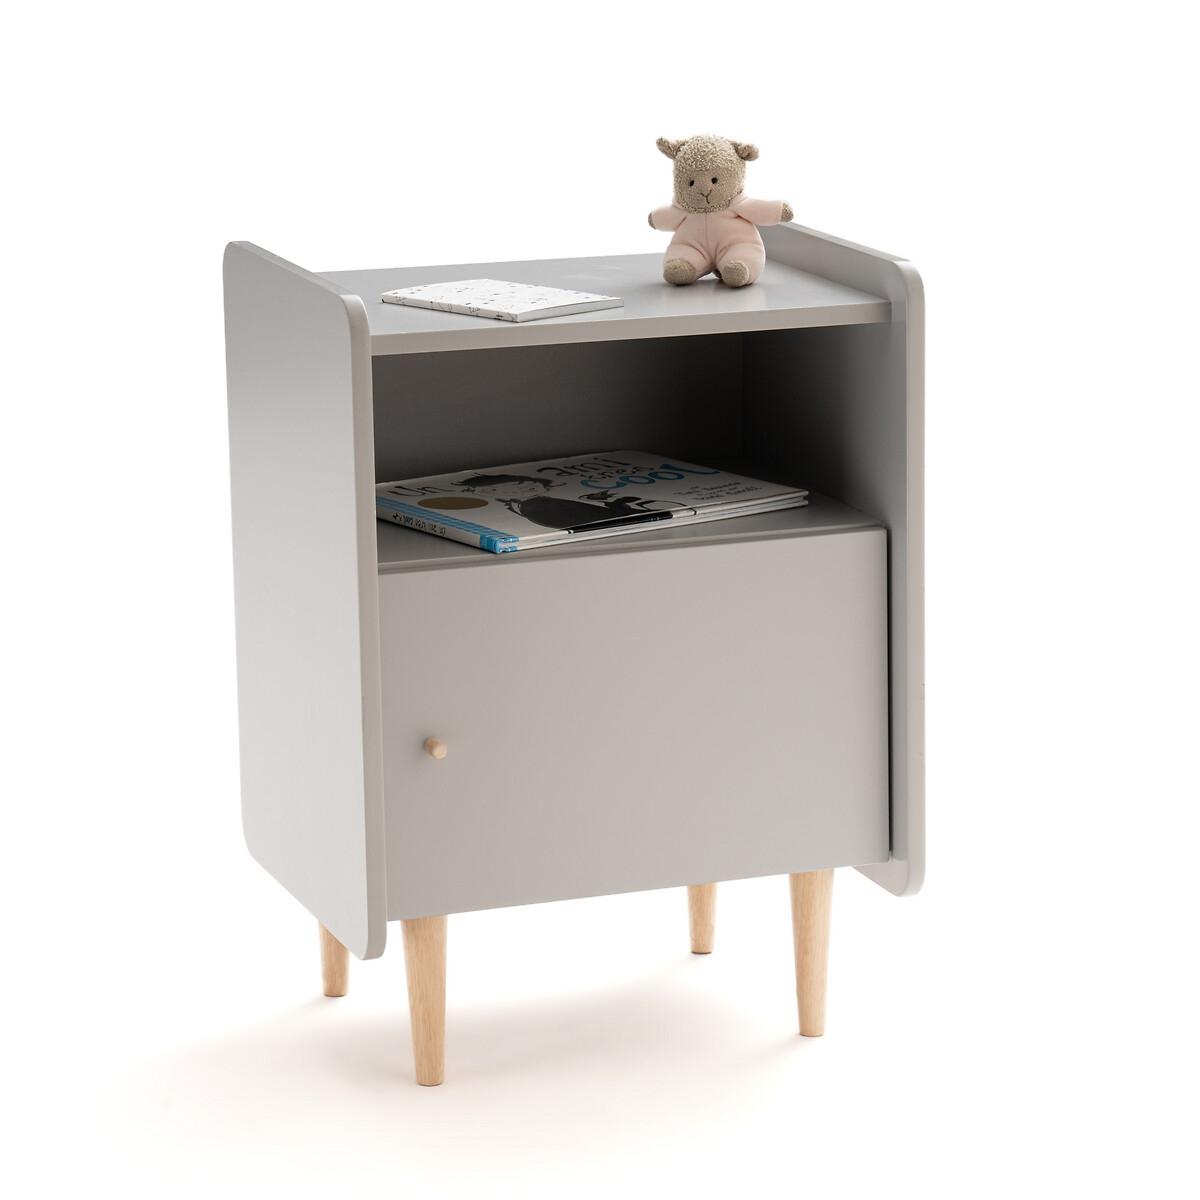 Столик LaRedoute Для изголовья детский Zag единый размер серый